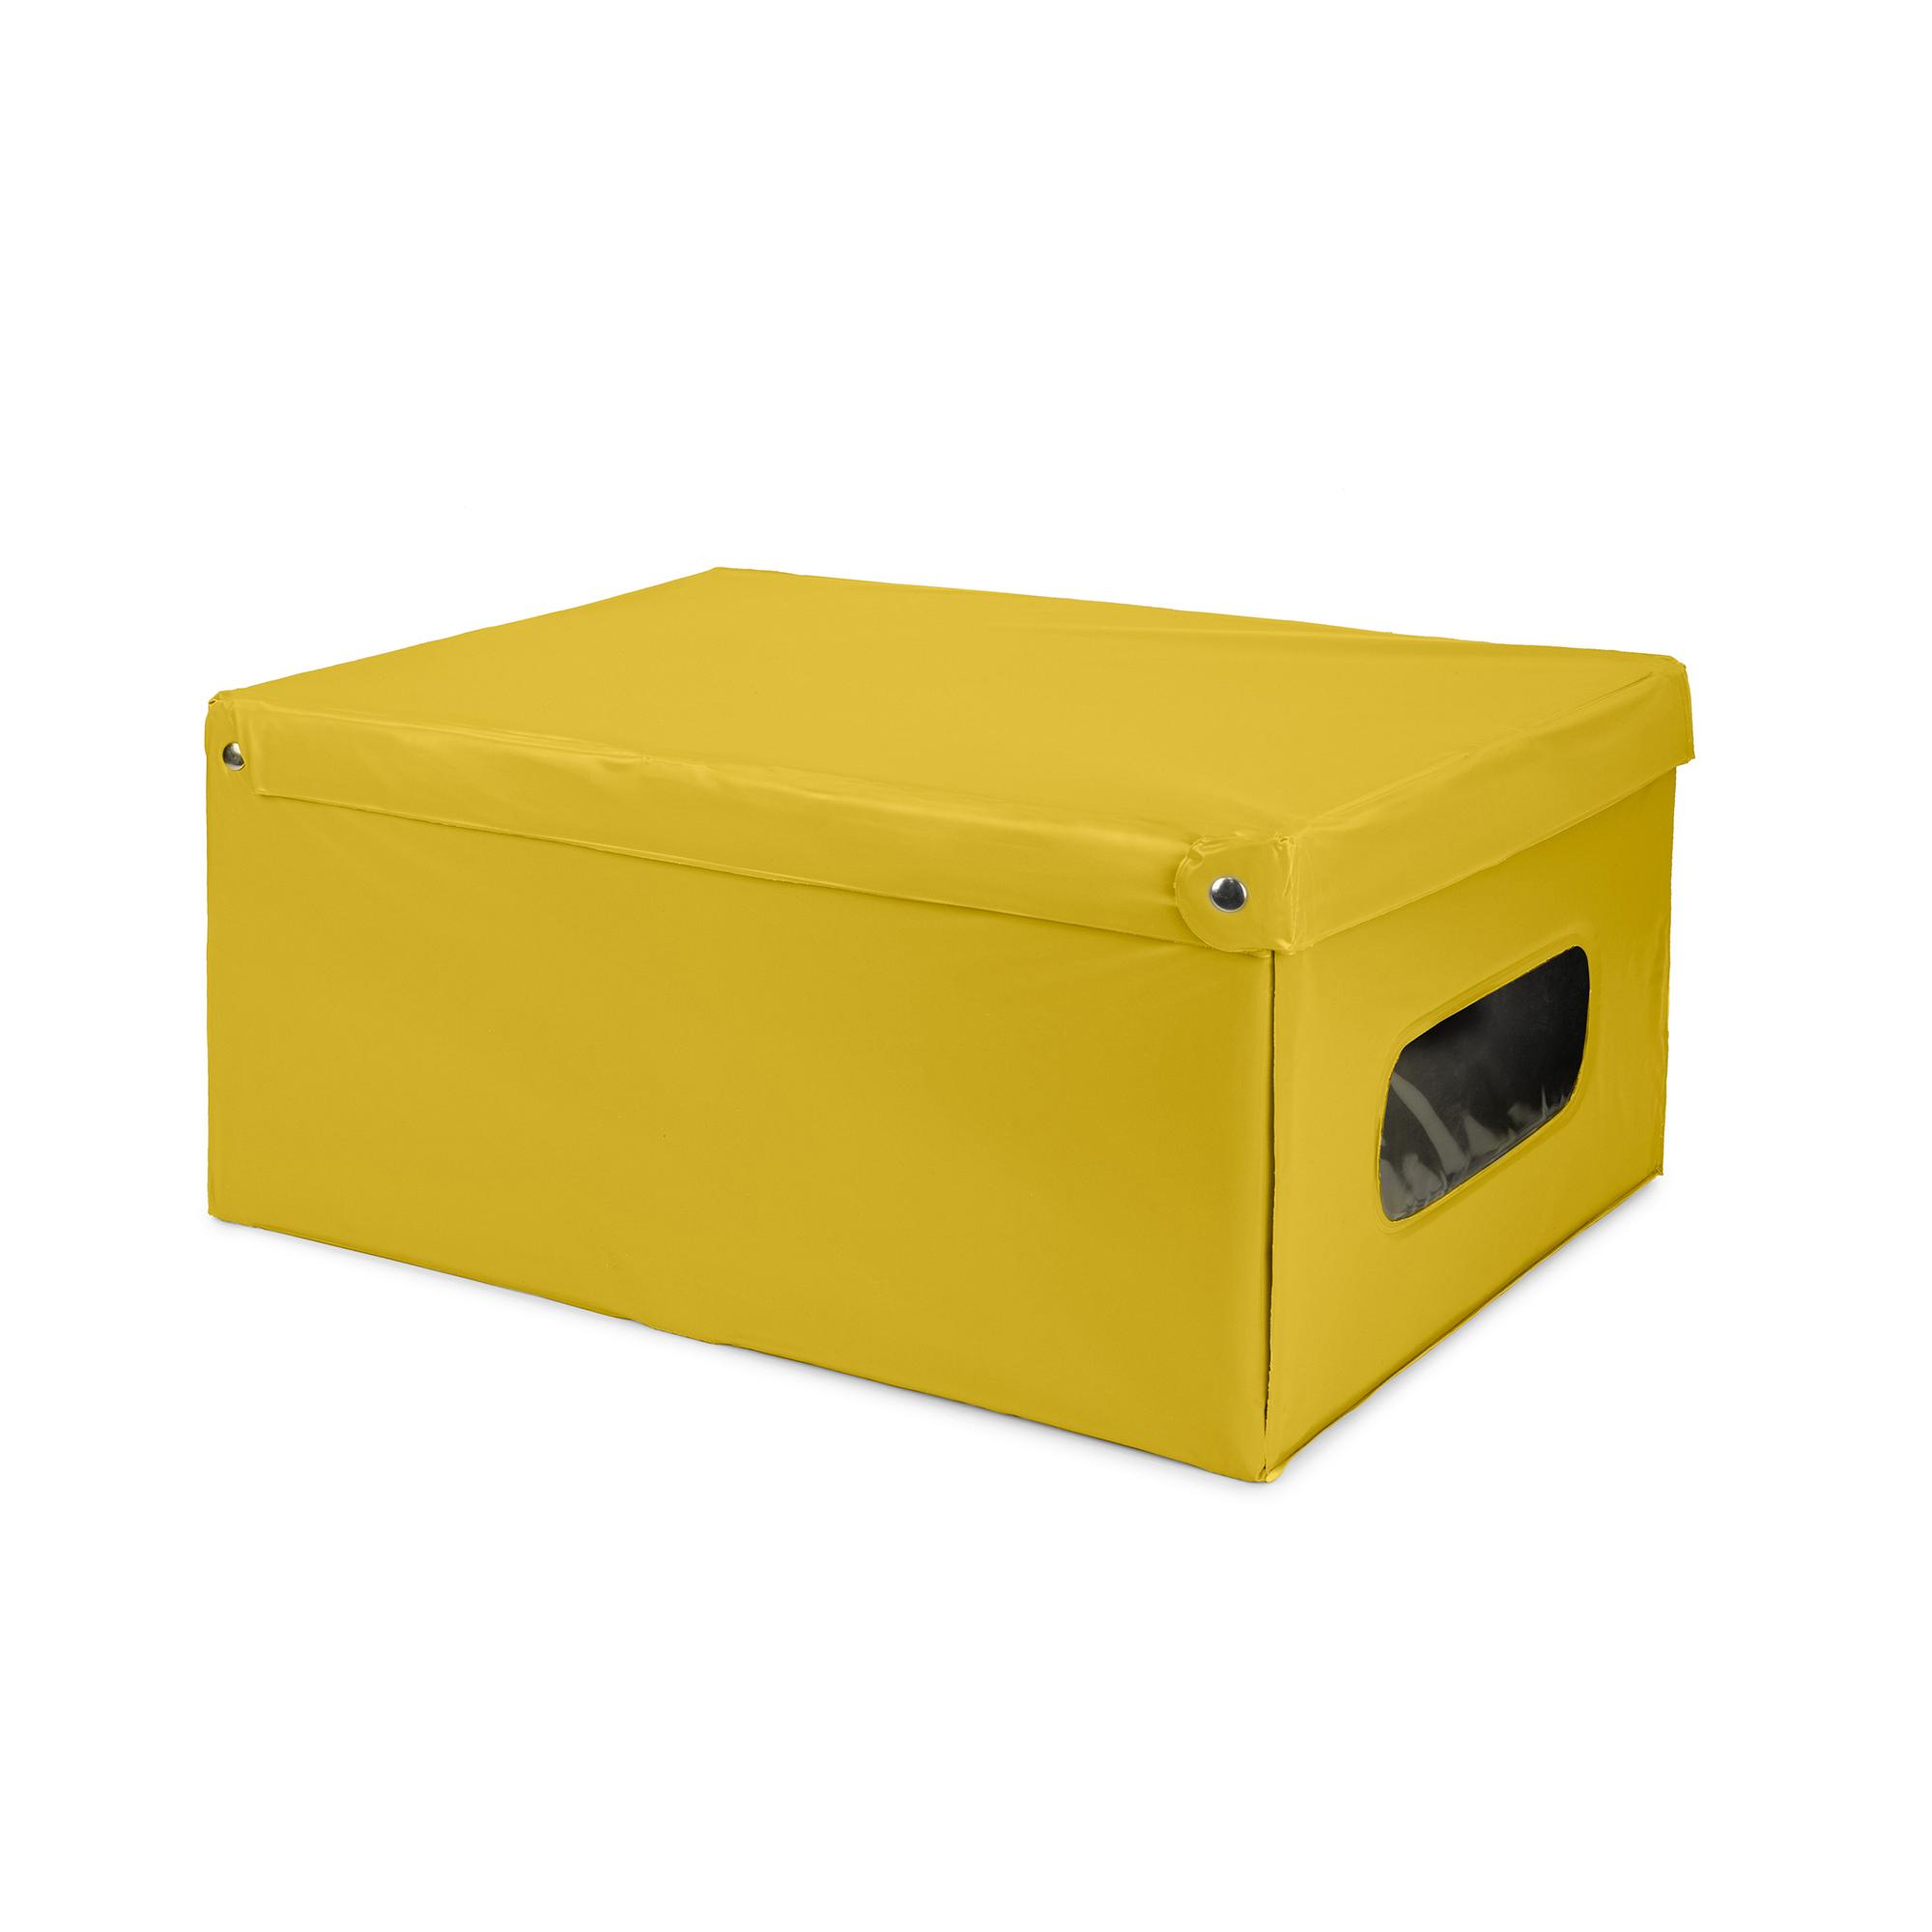 Boîte jaune en PVC 50x38cm